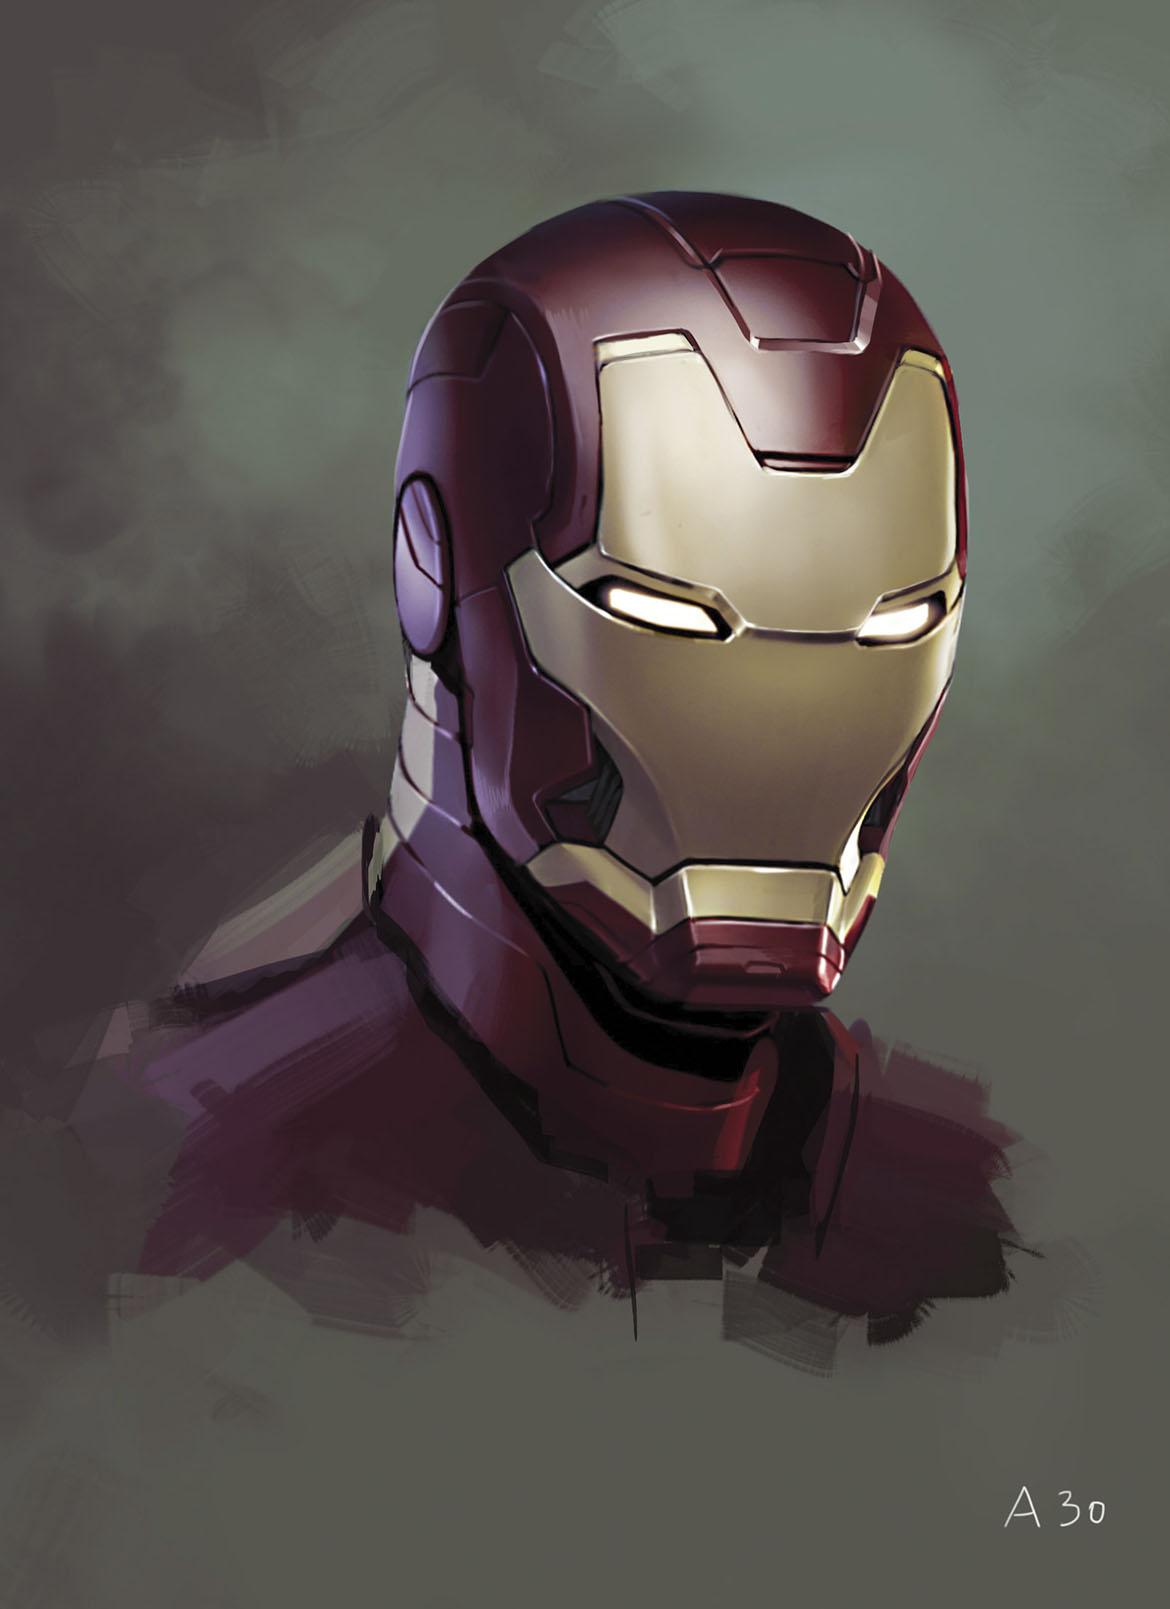 Ryan Meinerding / Head no.1 / Concept art for Iron Man 3 2013 / © 2017 MARVEL